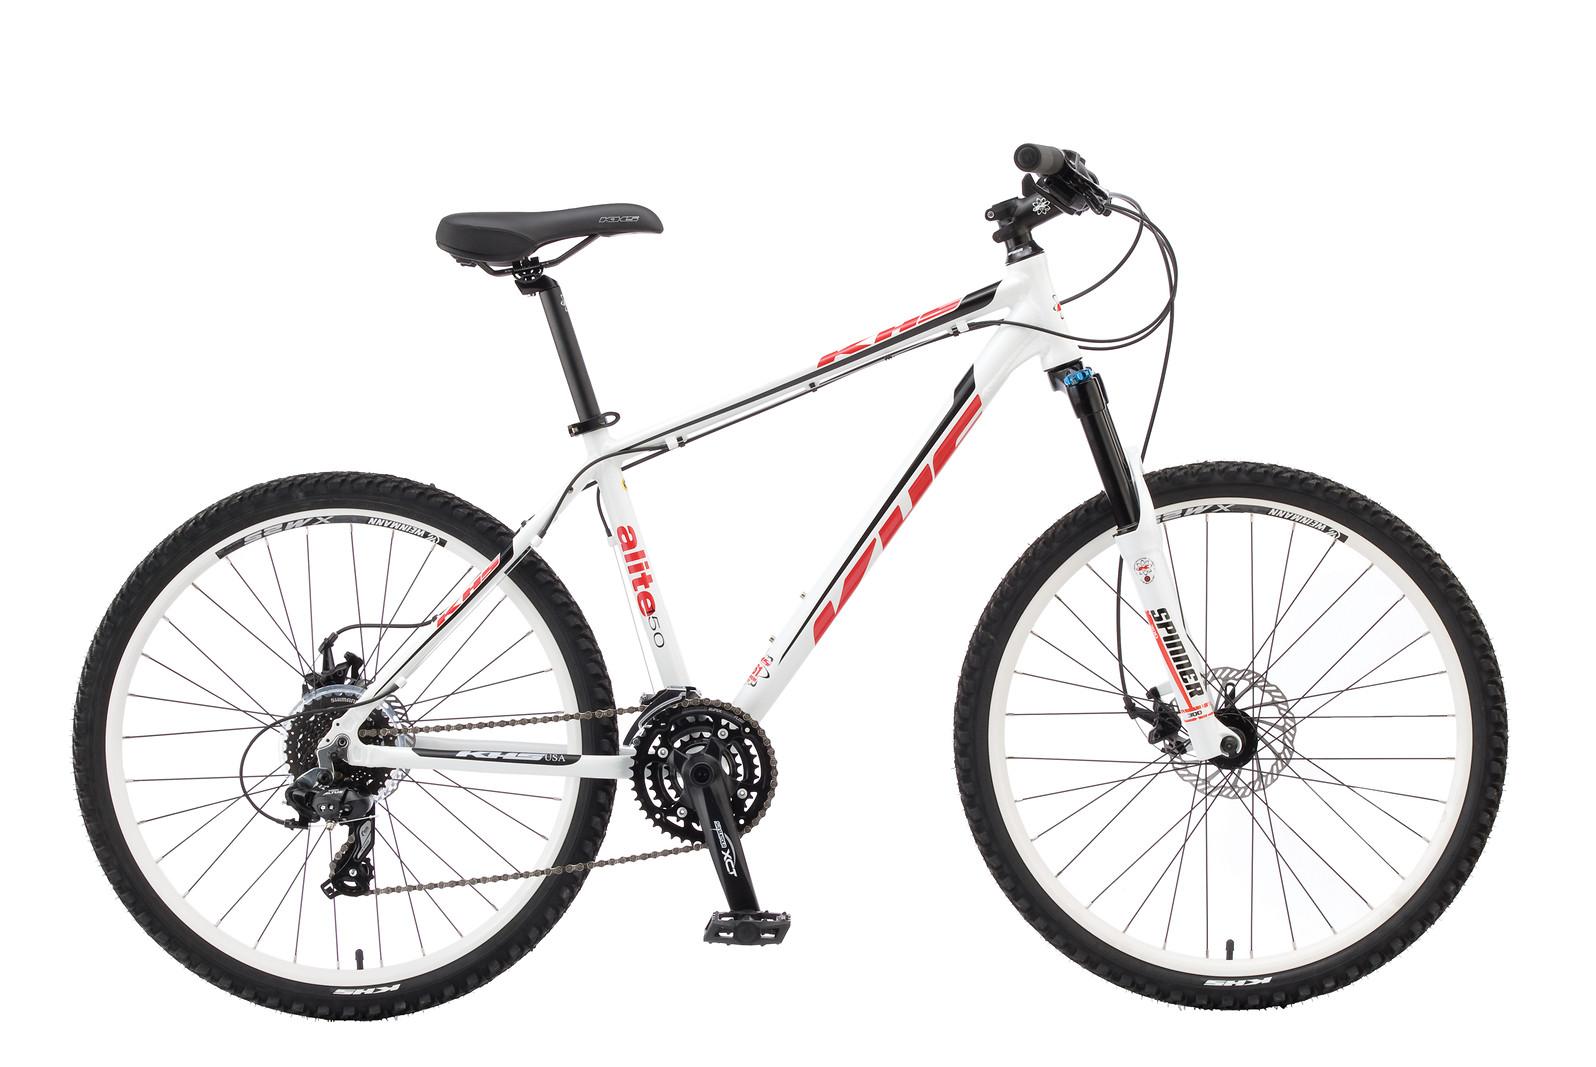 2013 KHS Alite 150 Bike 2013 Alite 150 - White